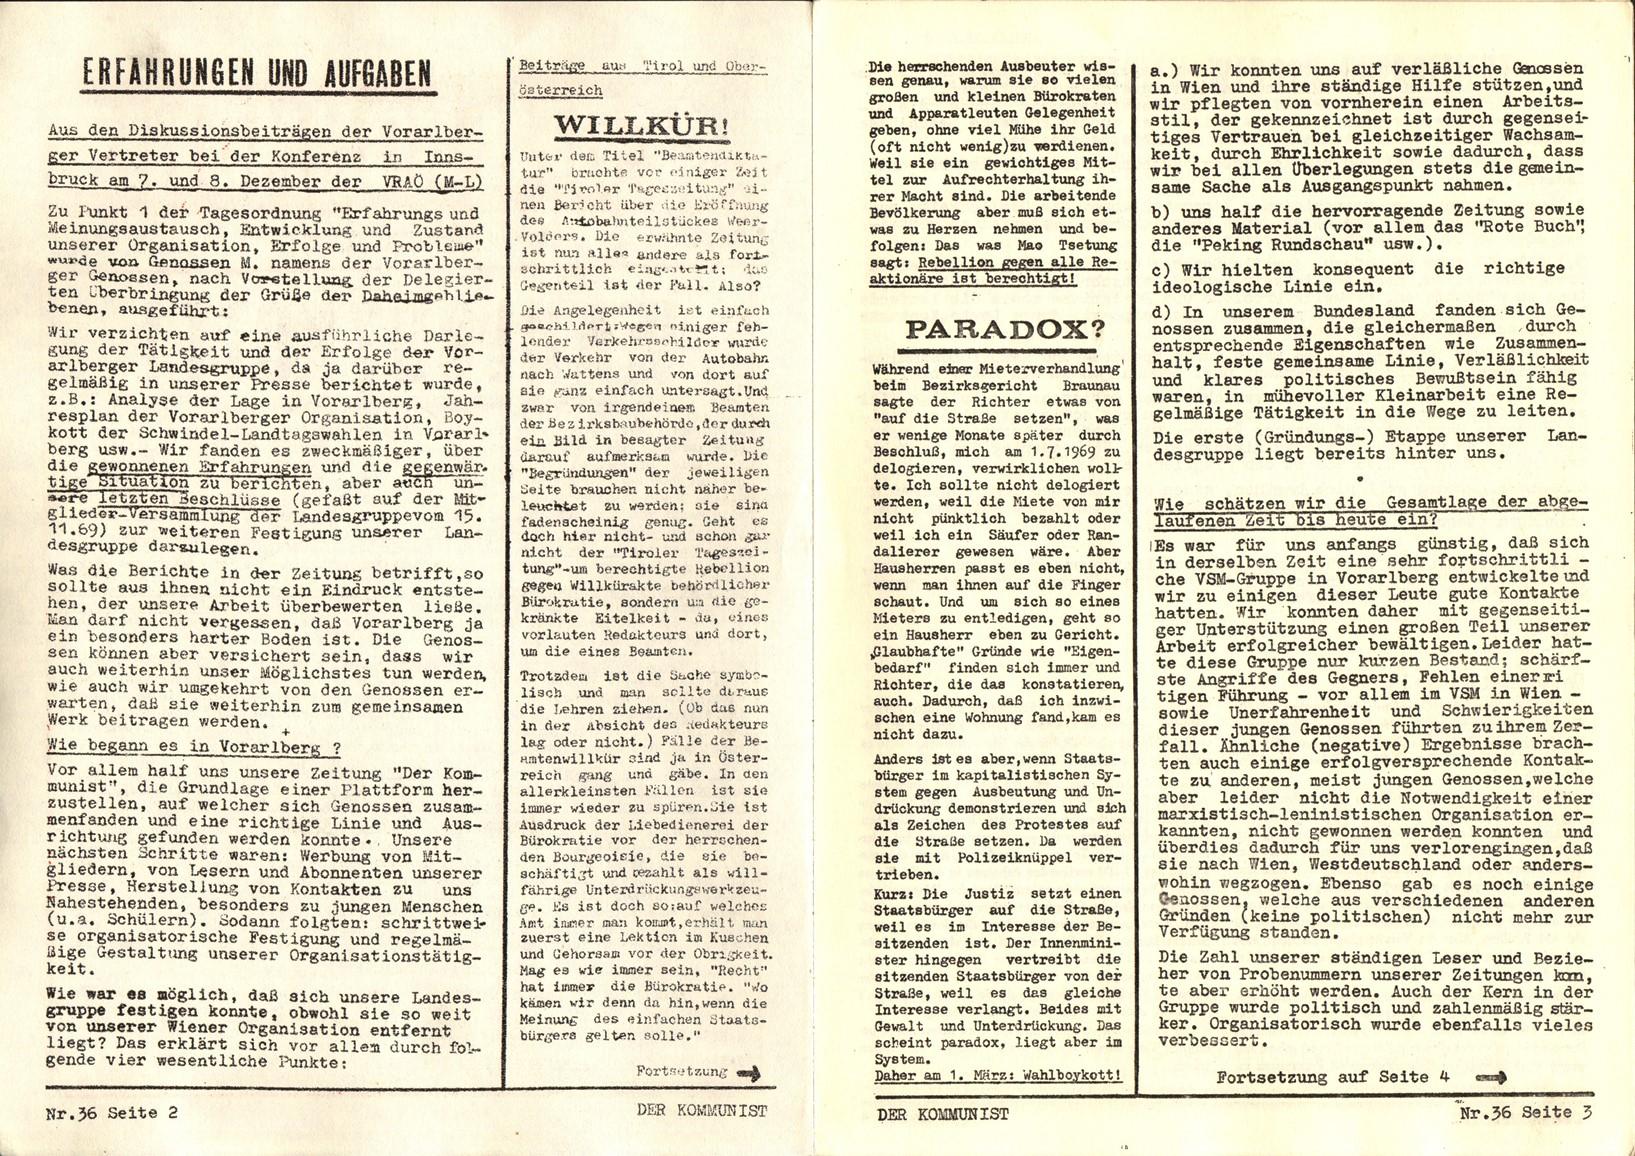 VRA_Der_Kommunist_19700200_02